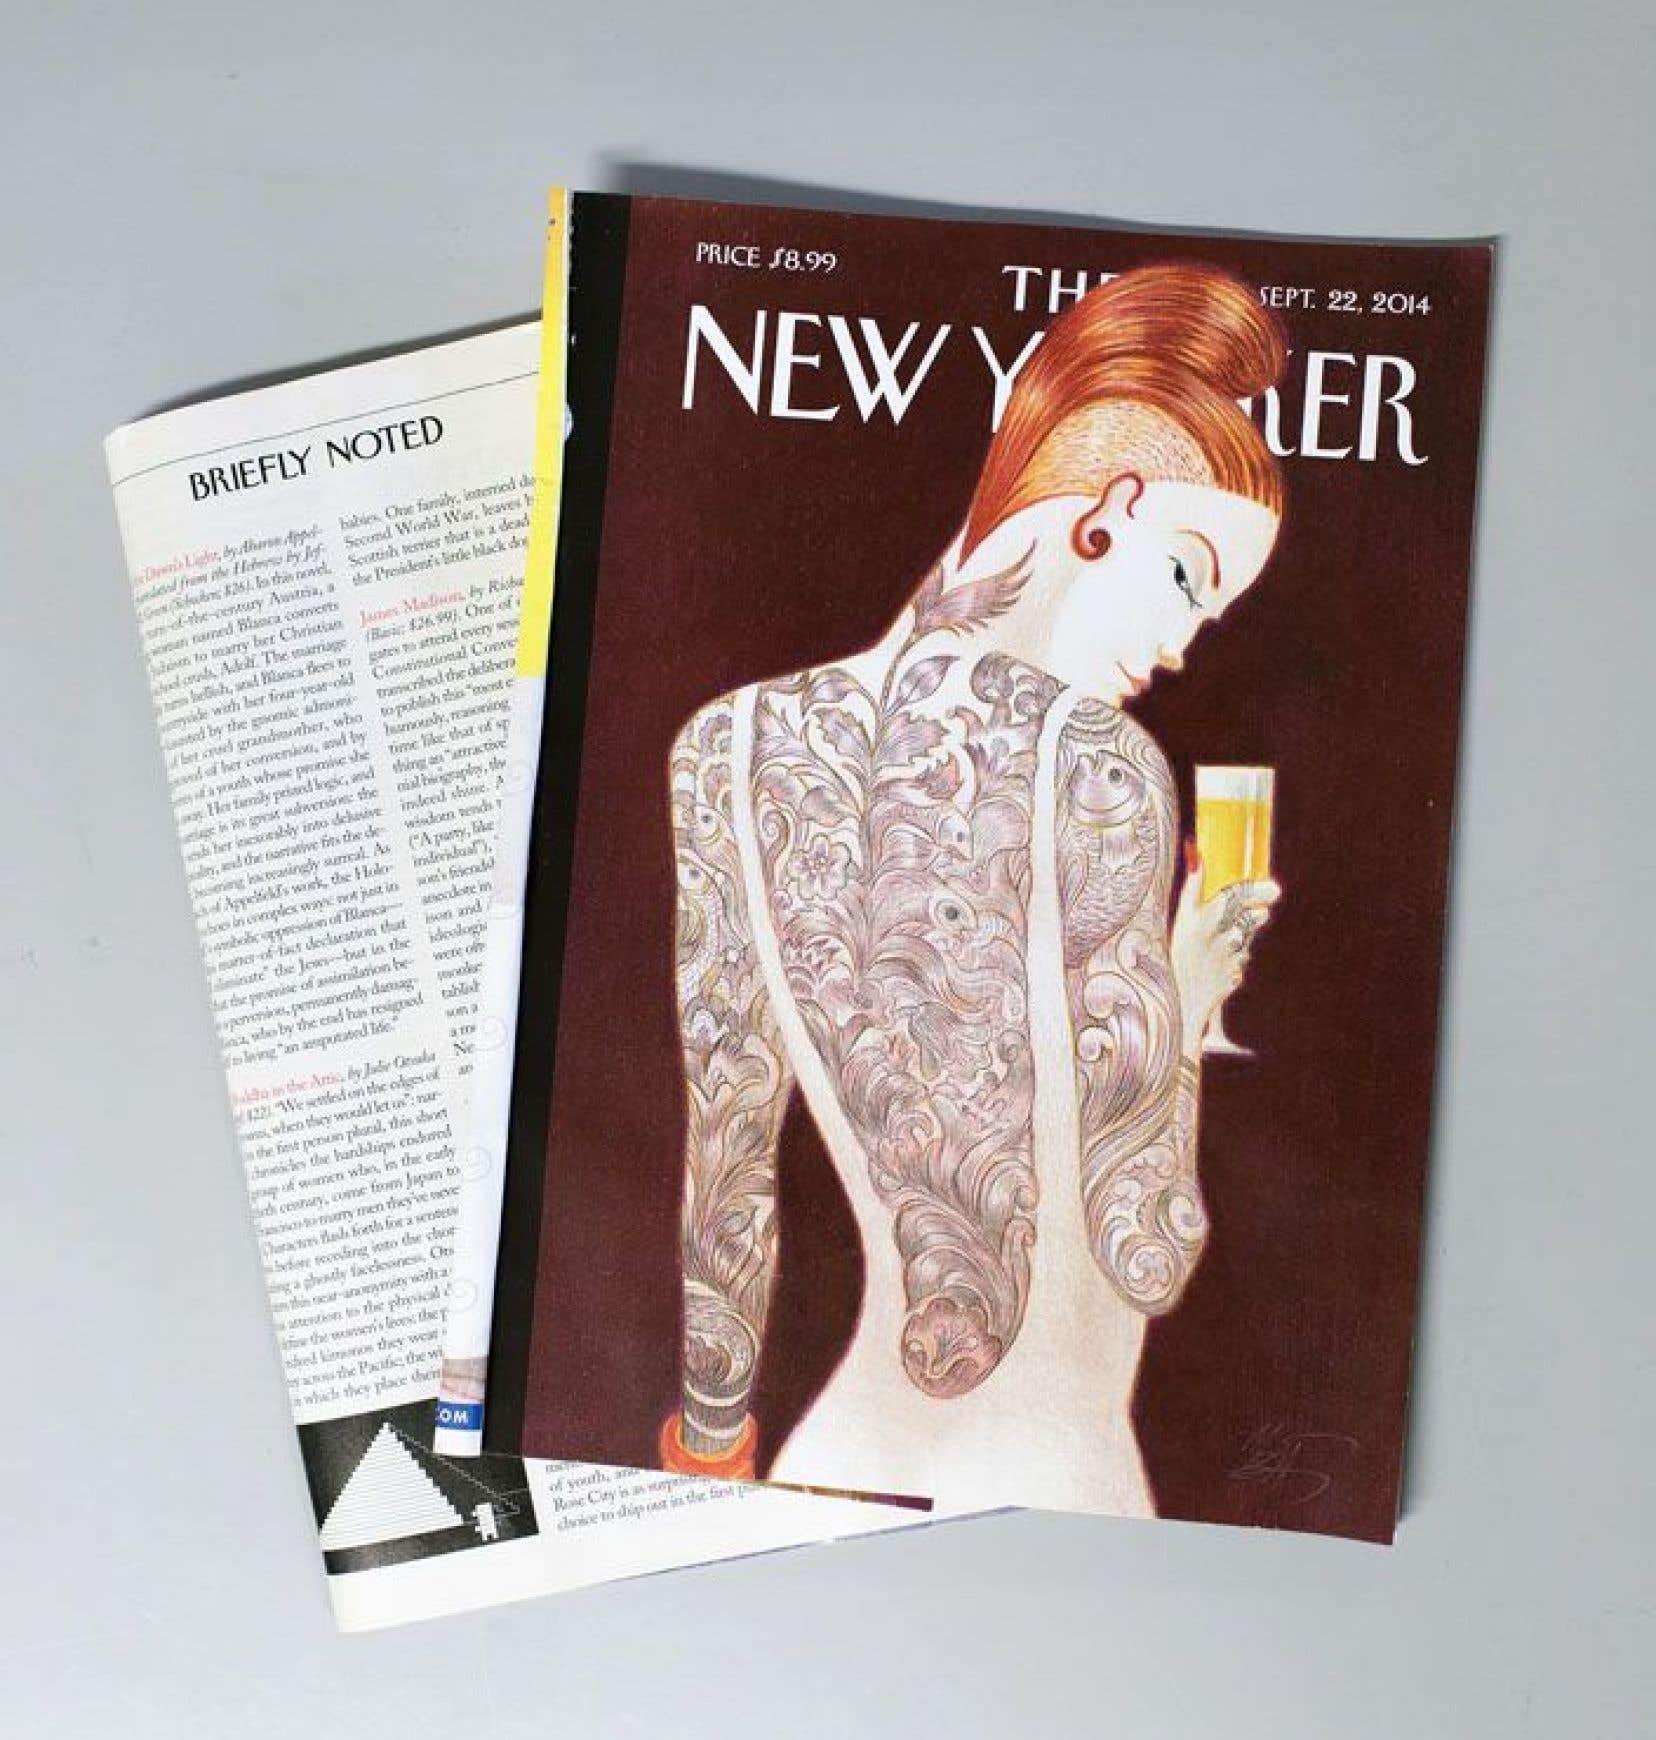 """«C'est devenu chez moi un rituel ironique: à chaque nouvelle livraison du New Yorker, aller voir à la rubrique """"Briefly noted"""" si mon bouquin n'y aurait pas mérité ne serait-ce qu'une désobligeante douzaine de lignes.»"""